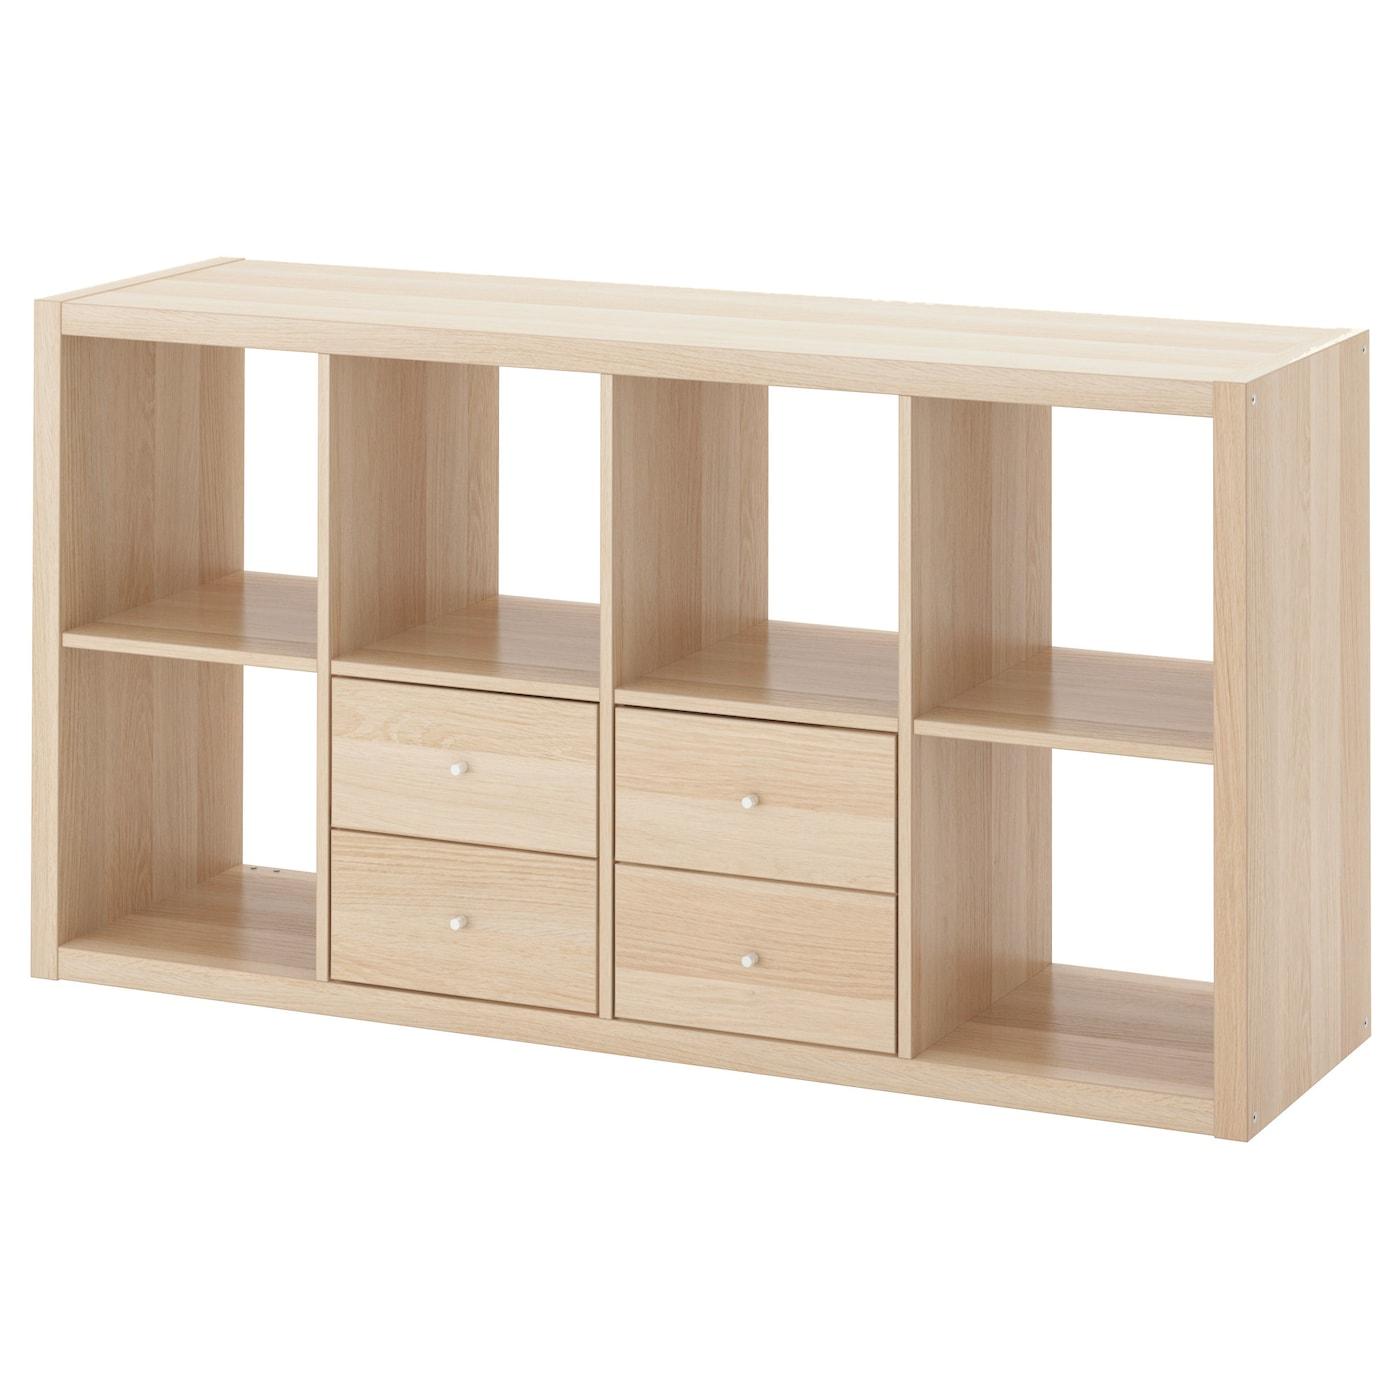 Estanterias Modulares Y Estanterias De Madera Compra Online Ikea